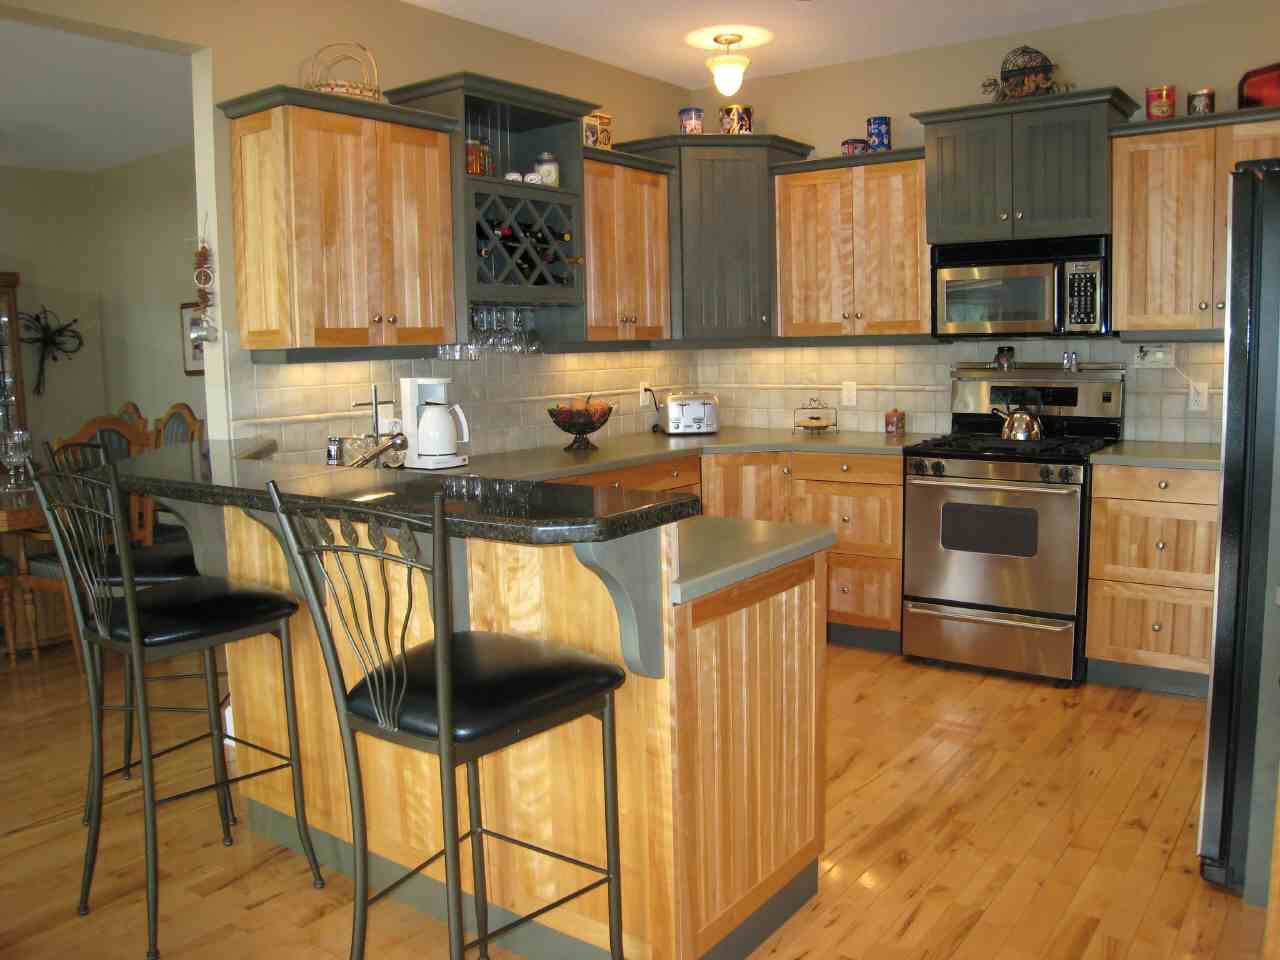 Inexpensive kitchen appliances photo - 1